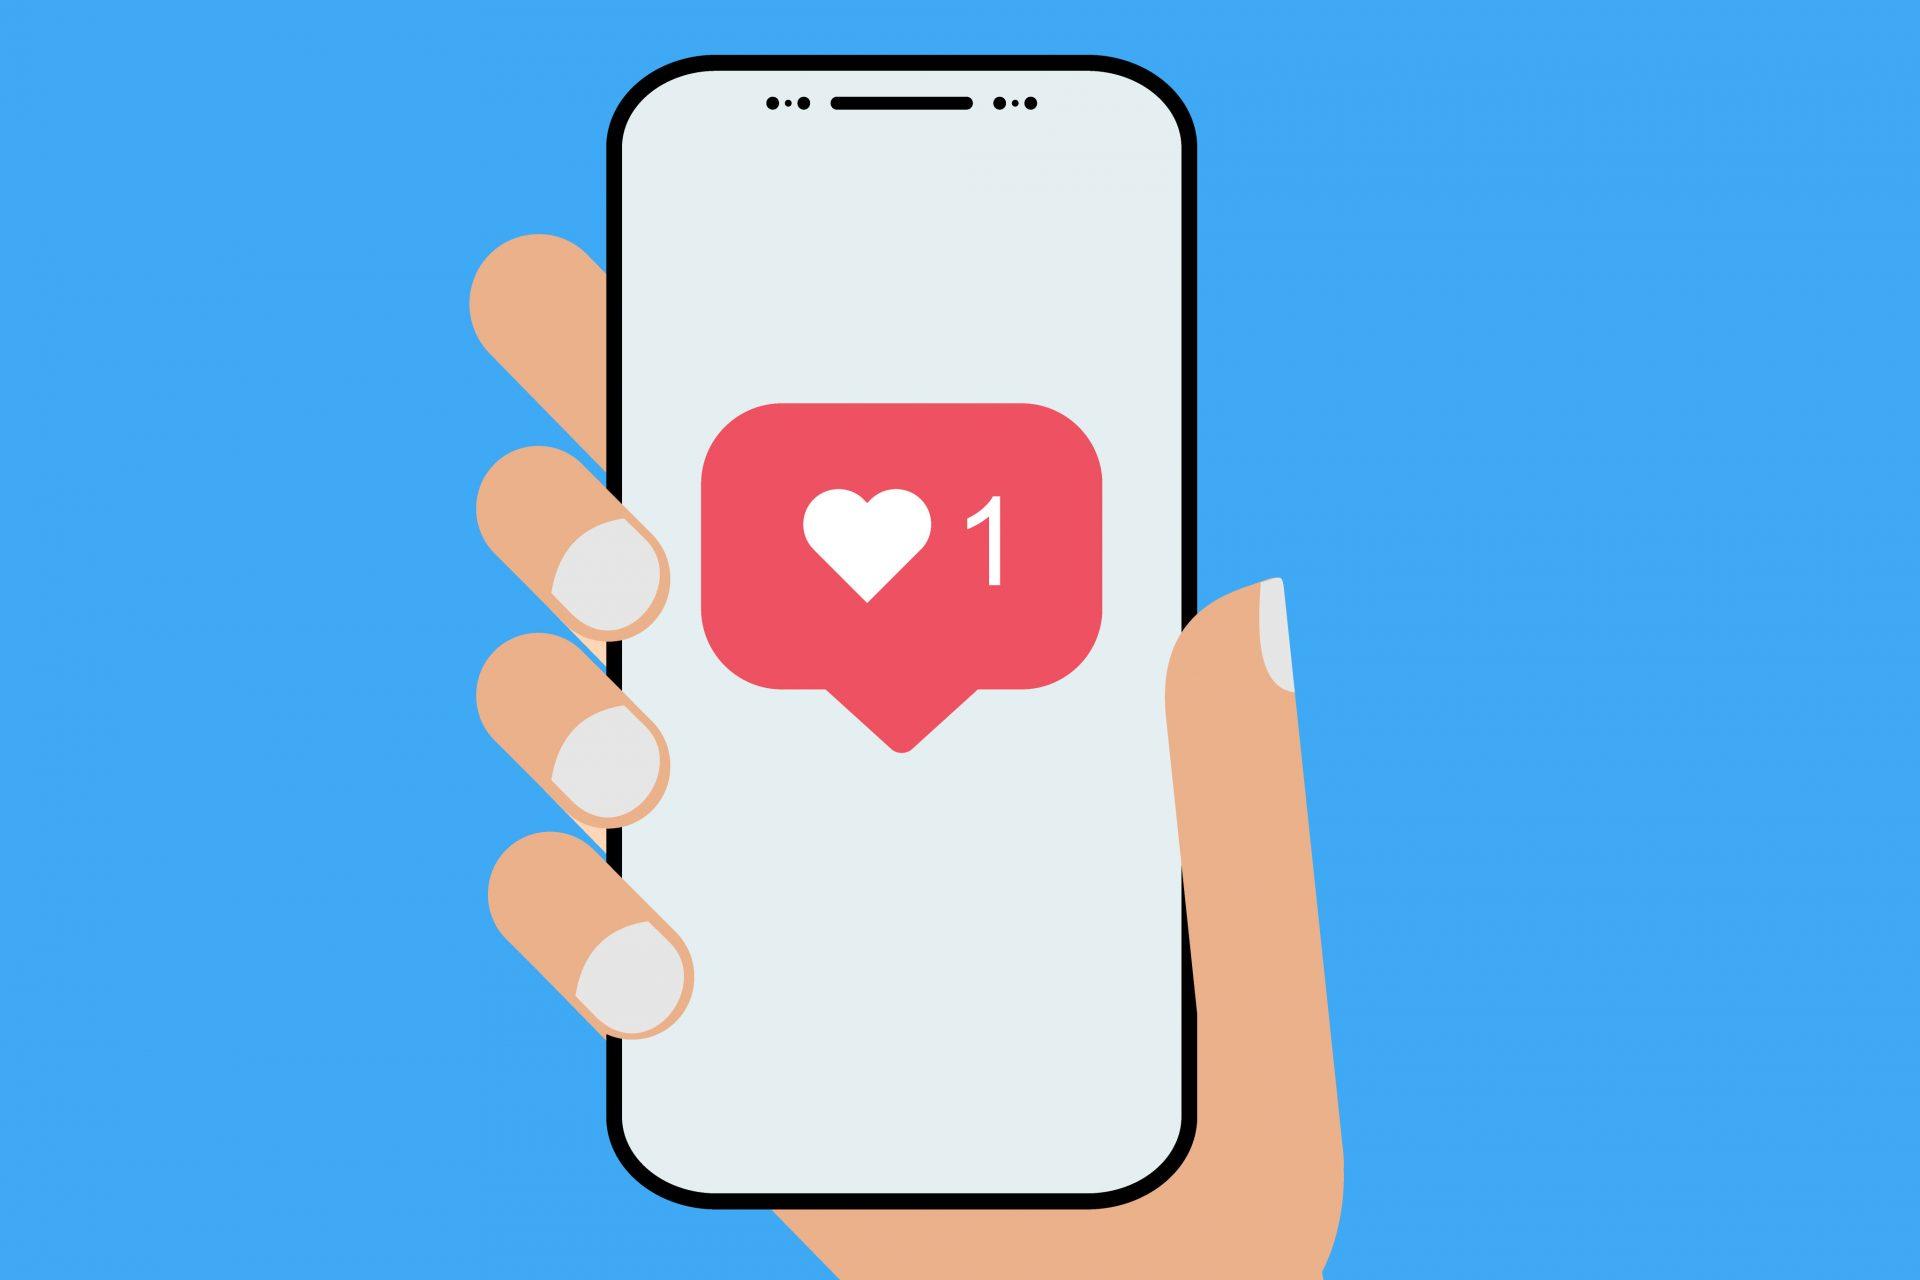 Instagram come attivare le notifiche relative alle storie e ai post dei nostri amici